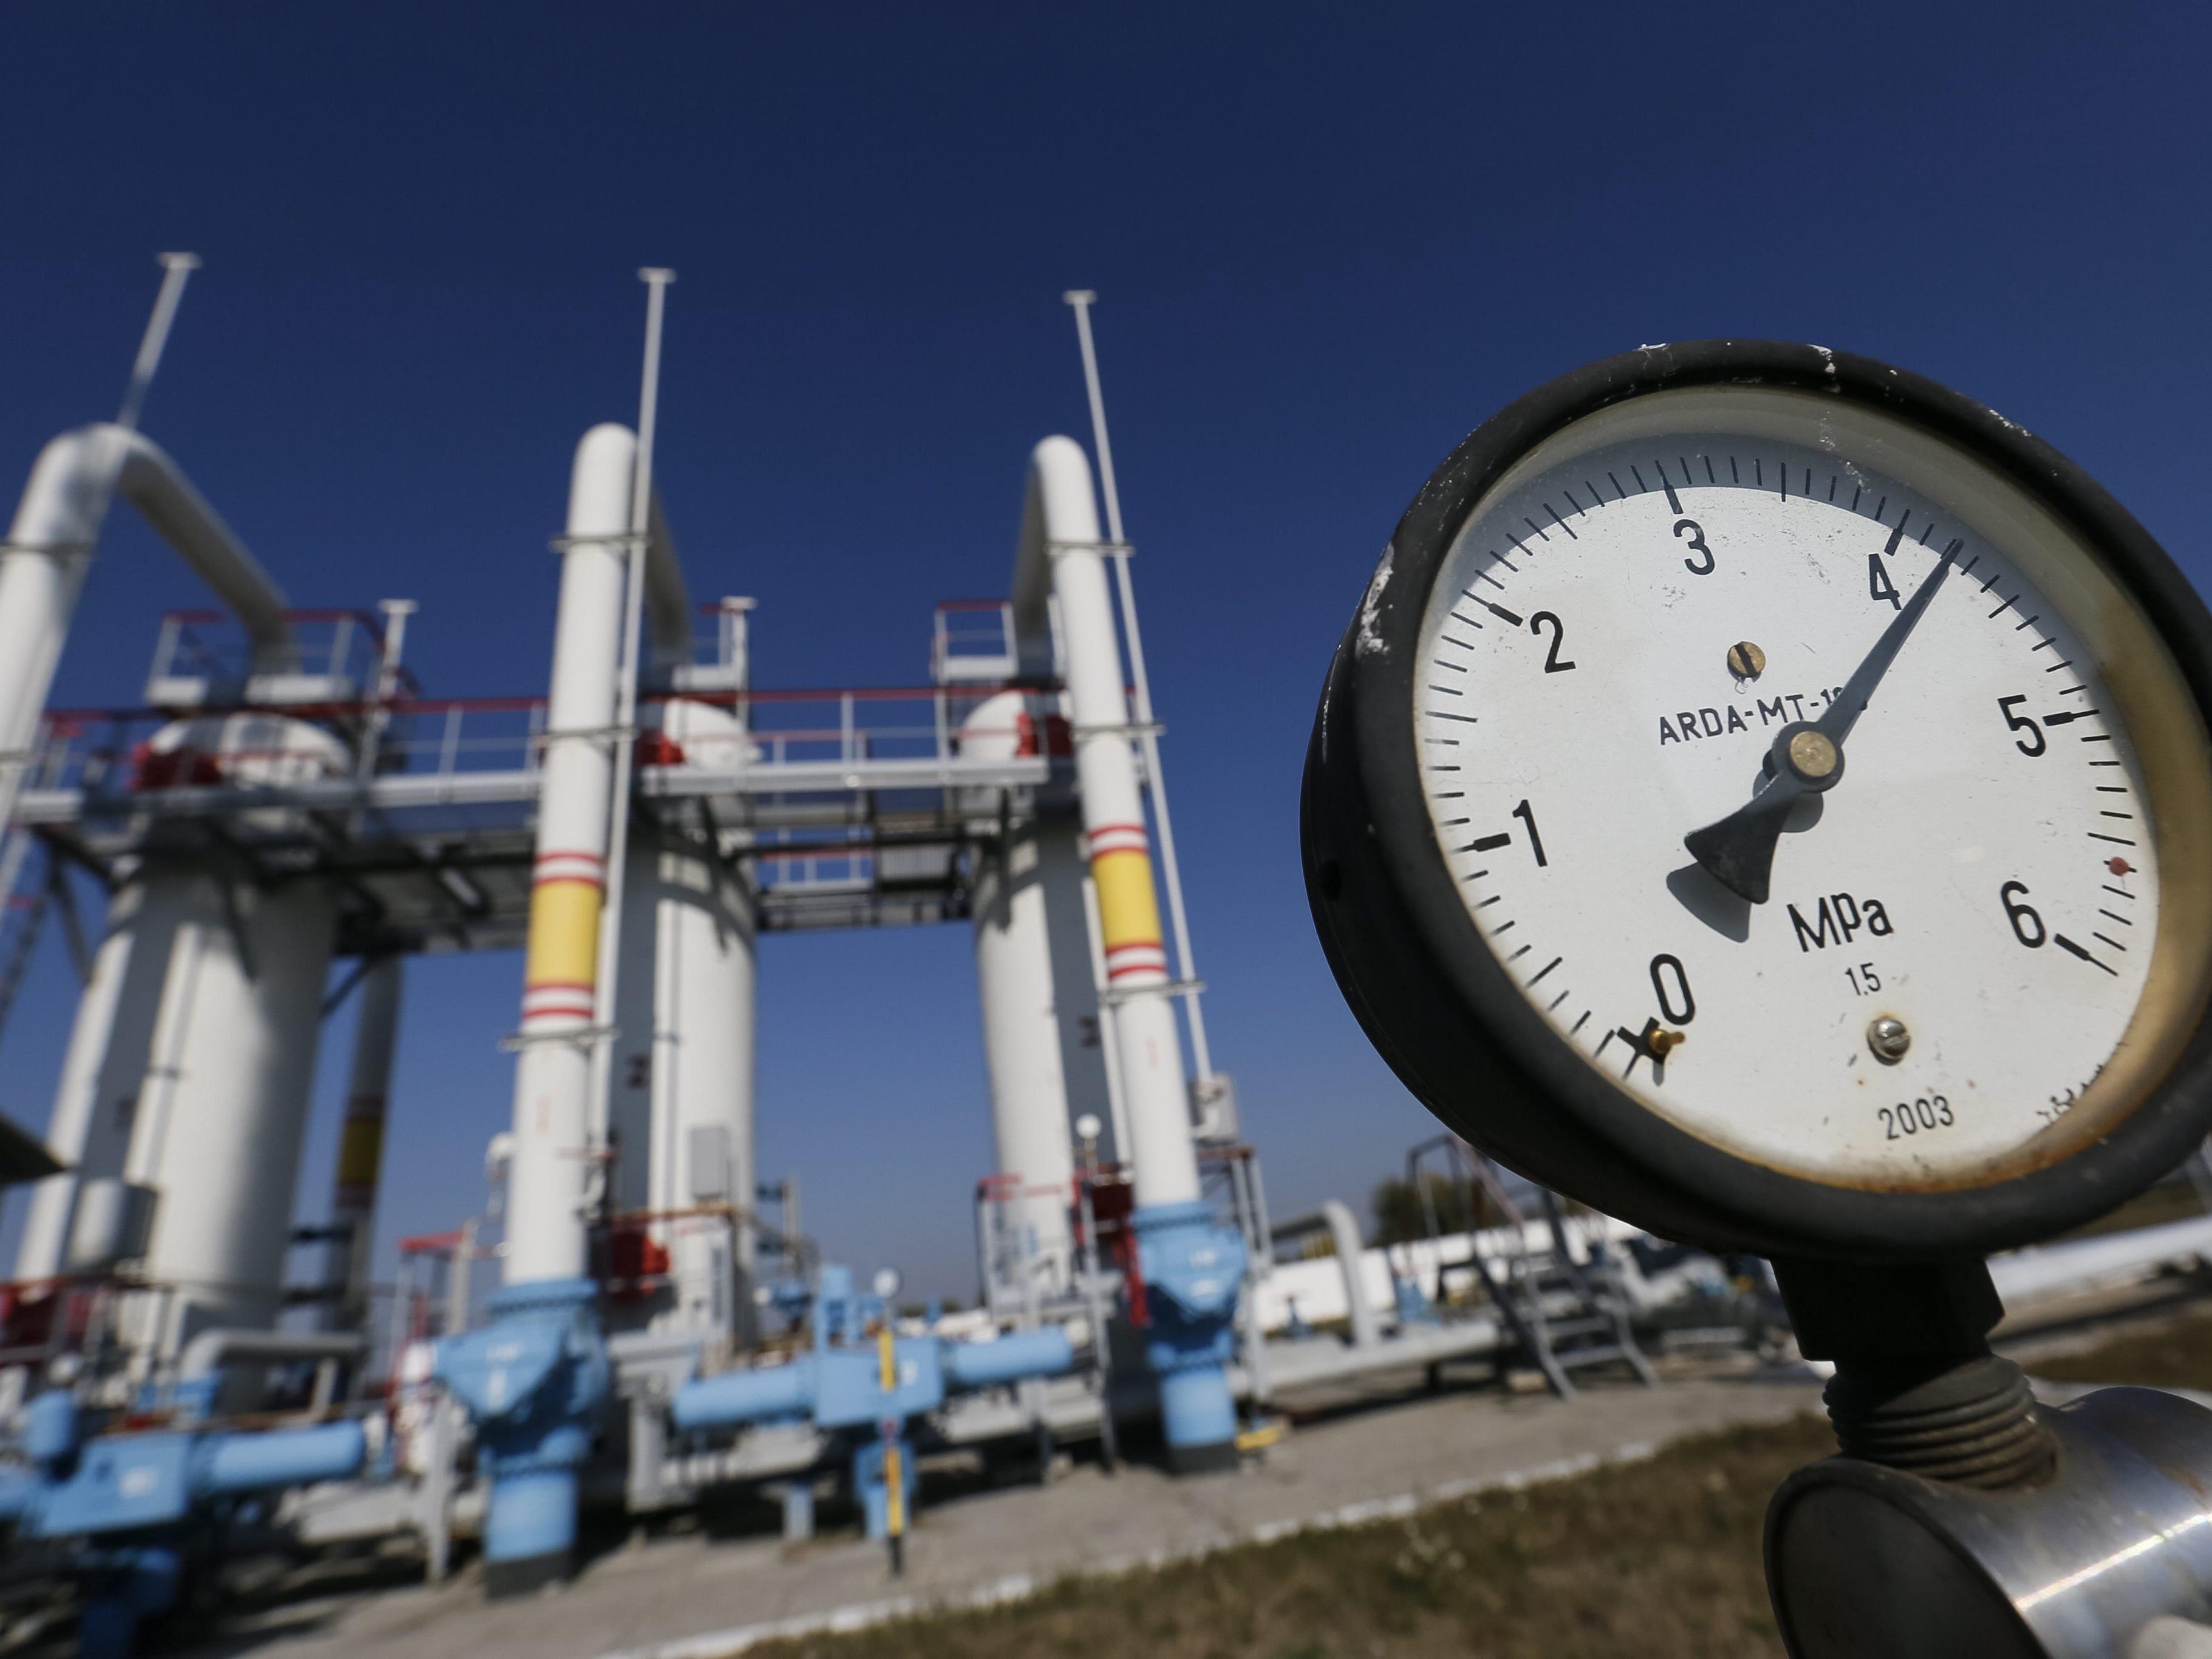 Energiekonzern Gazprom gibt als Grund Zahlungsrückstände an